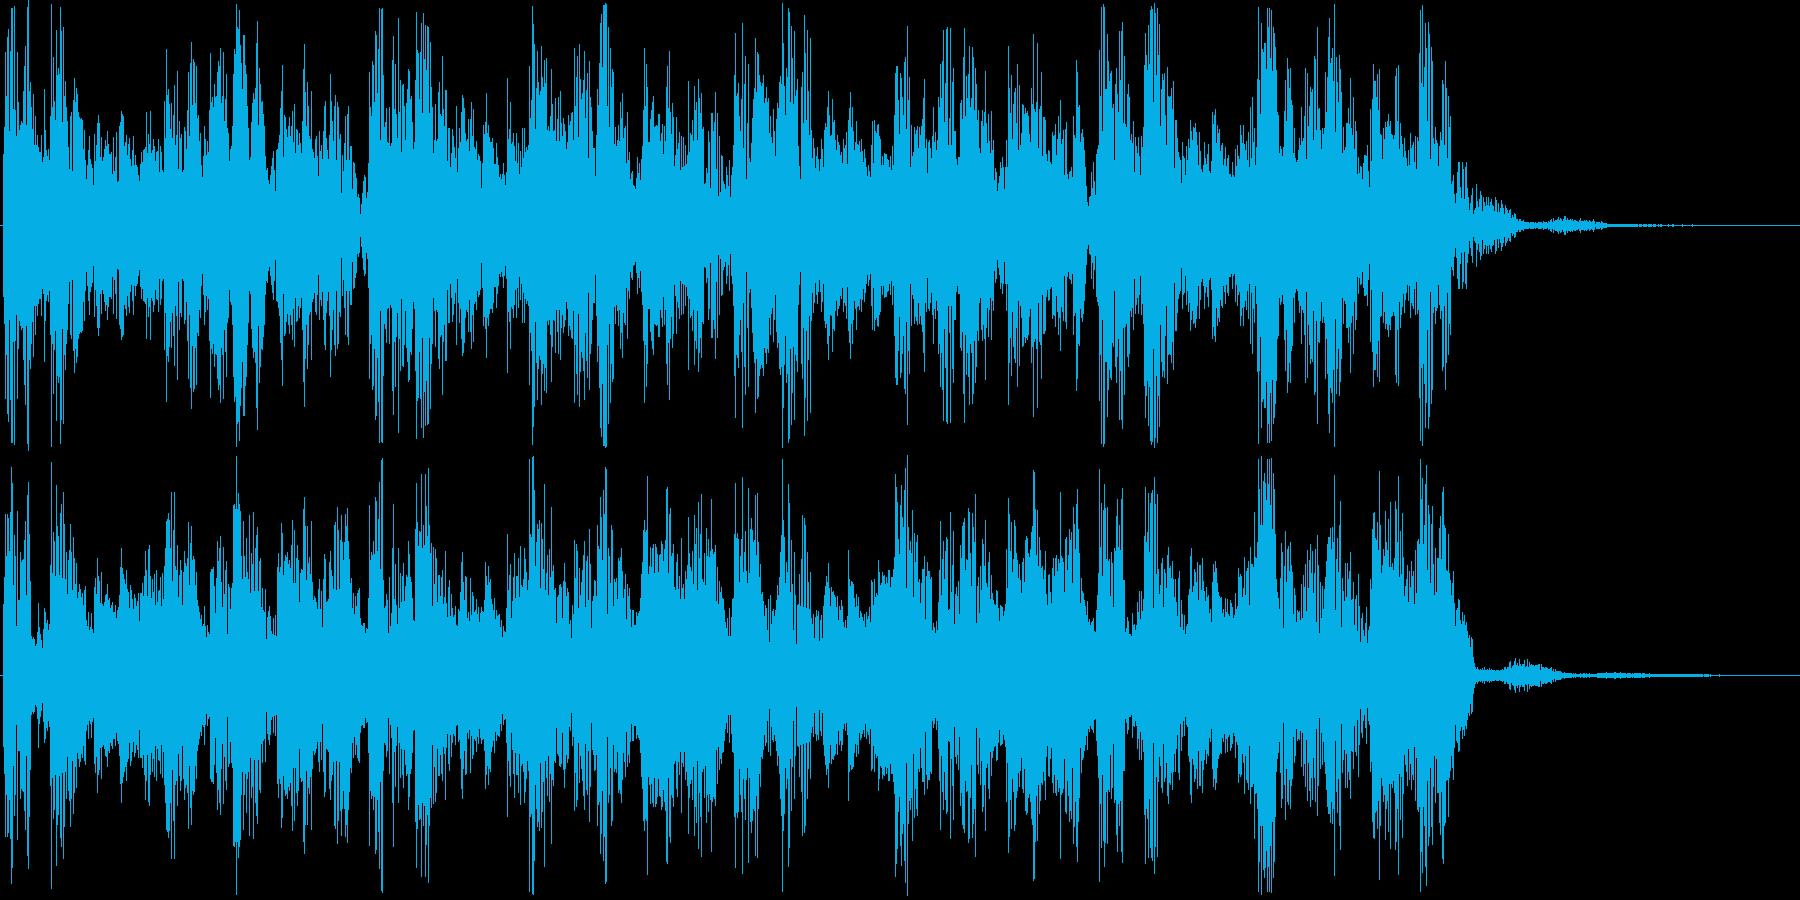 リズミックに下降するSEジングルの再生済みの波形